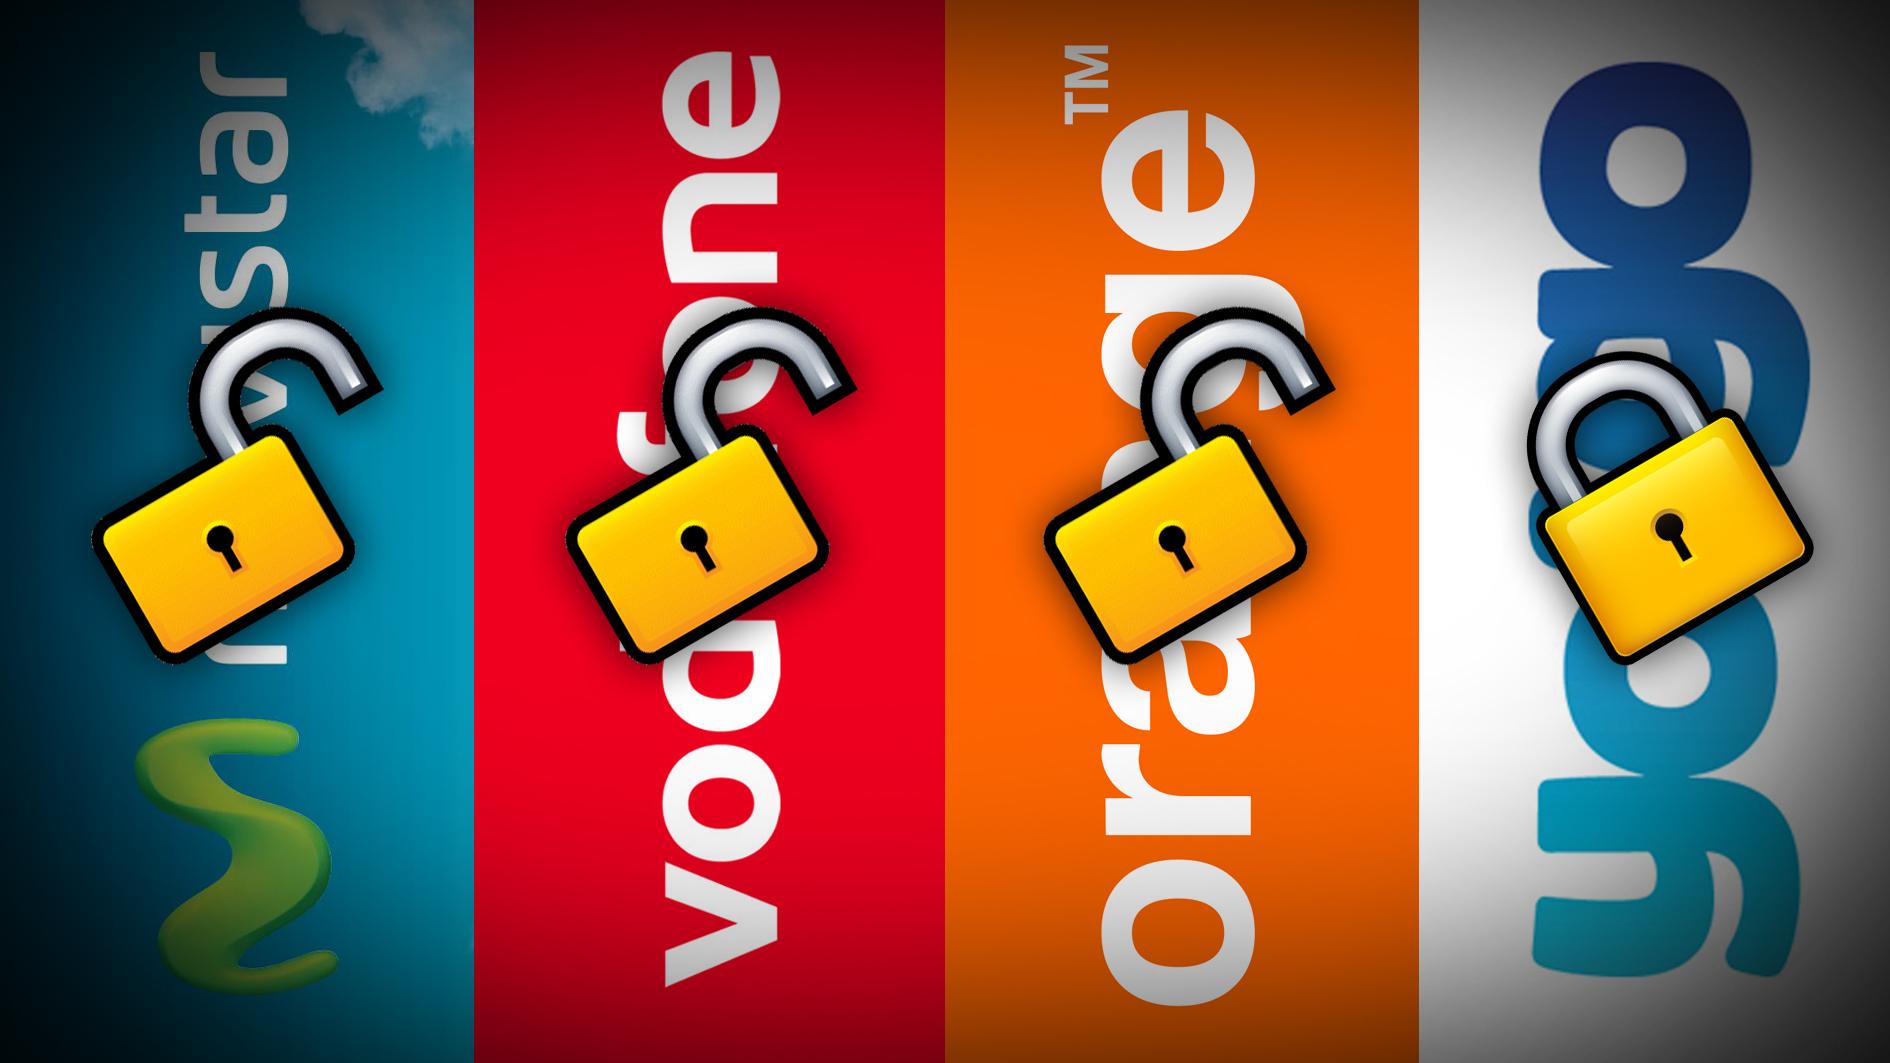 La campaña #liberamimóvil hace que Vodafone se sume a Movistar y Orange para comenzar a cumplir la ley